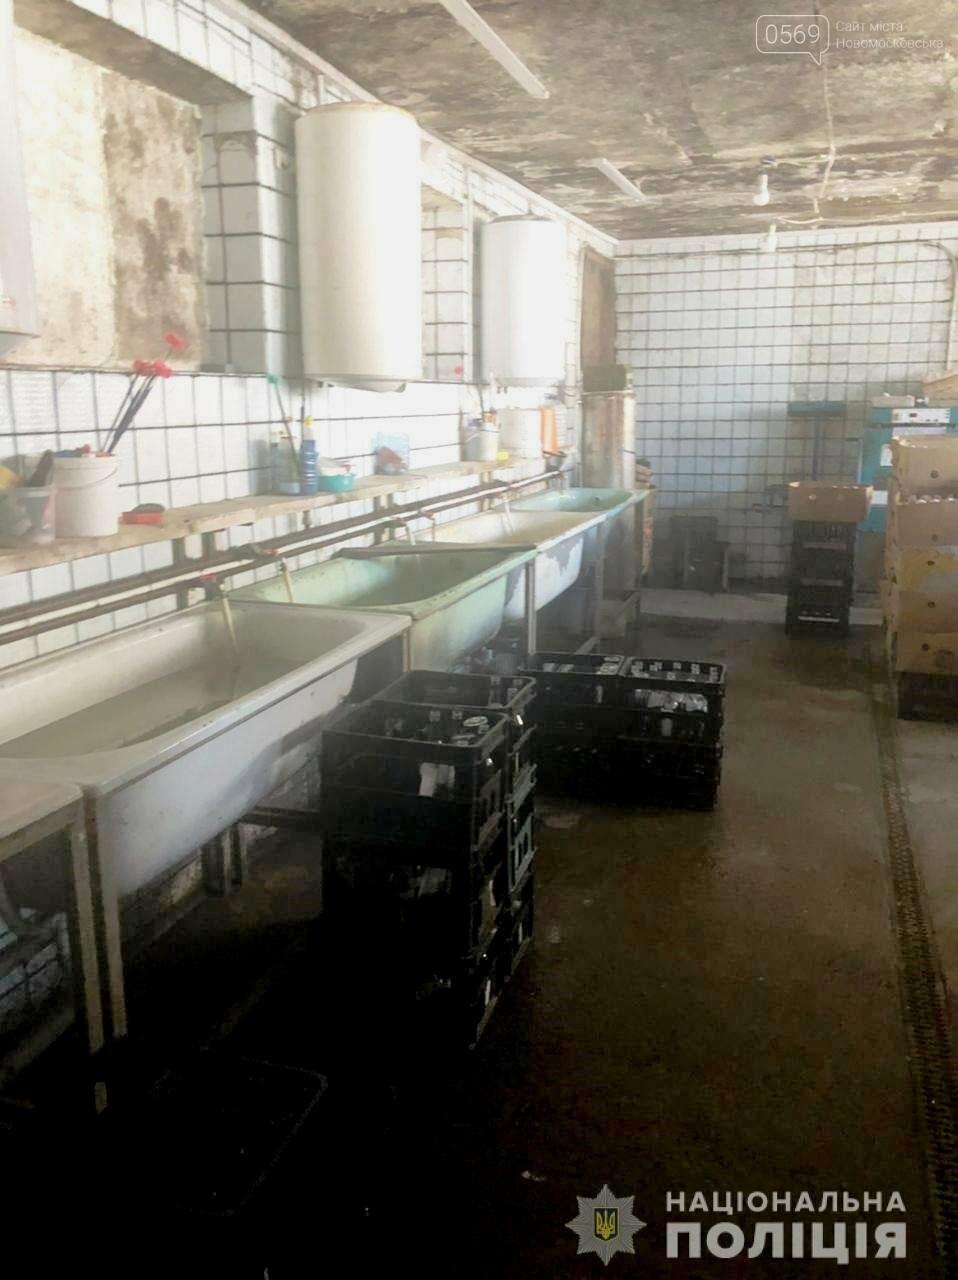 На Дніпропетровщині поліцейські перекрили канал постачання фальсифікованої алкогольної та тютюнової продукції до закладів торгівлі , фото-1